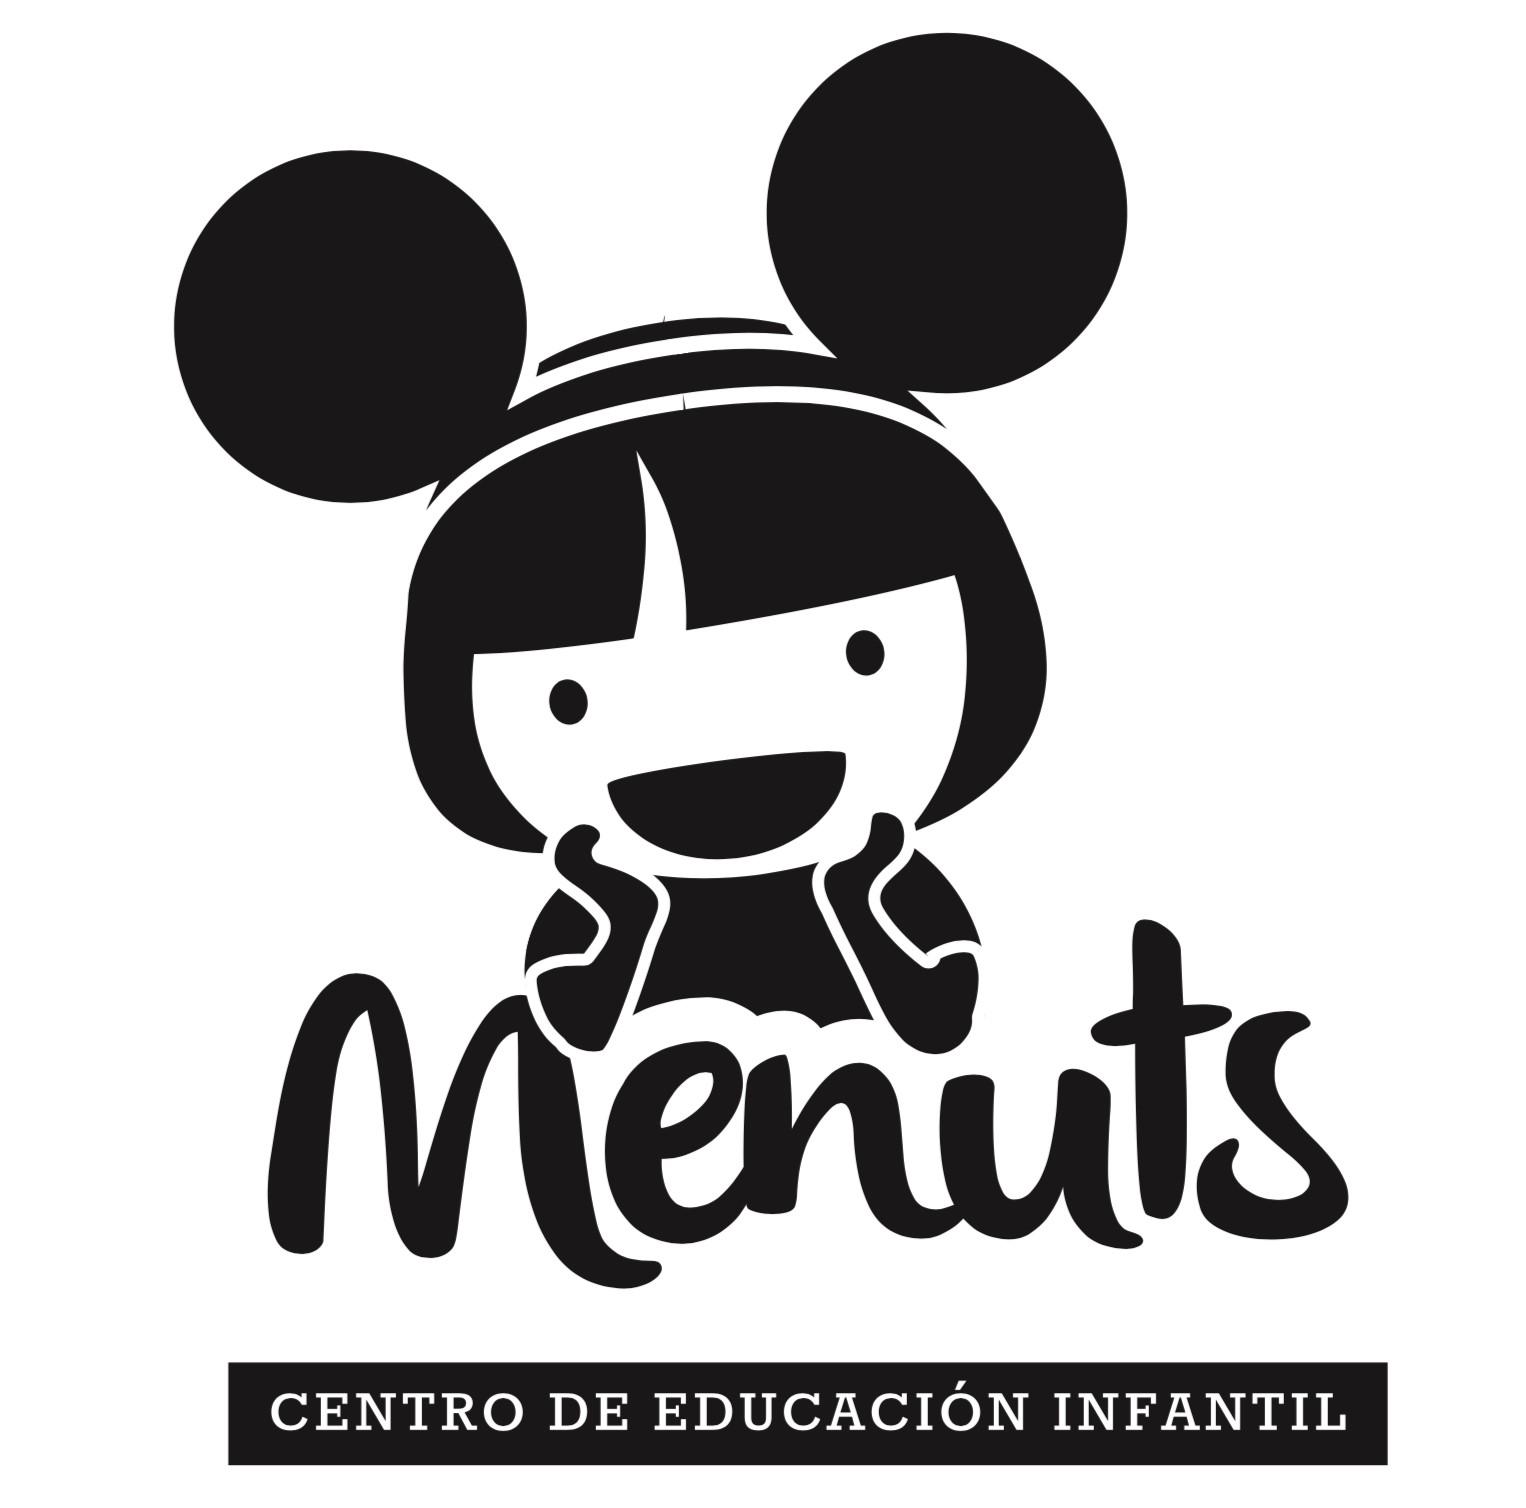 Añadir archivo, imagen o logotipo